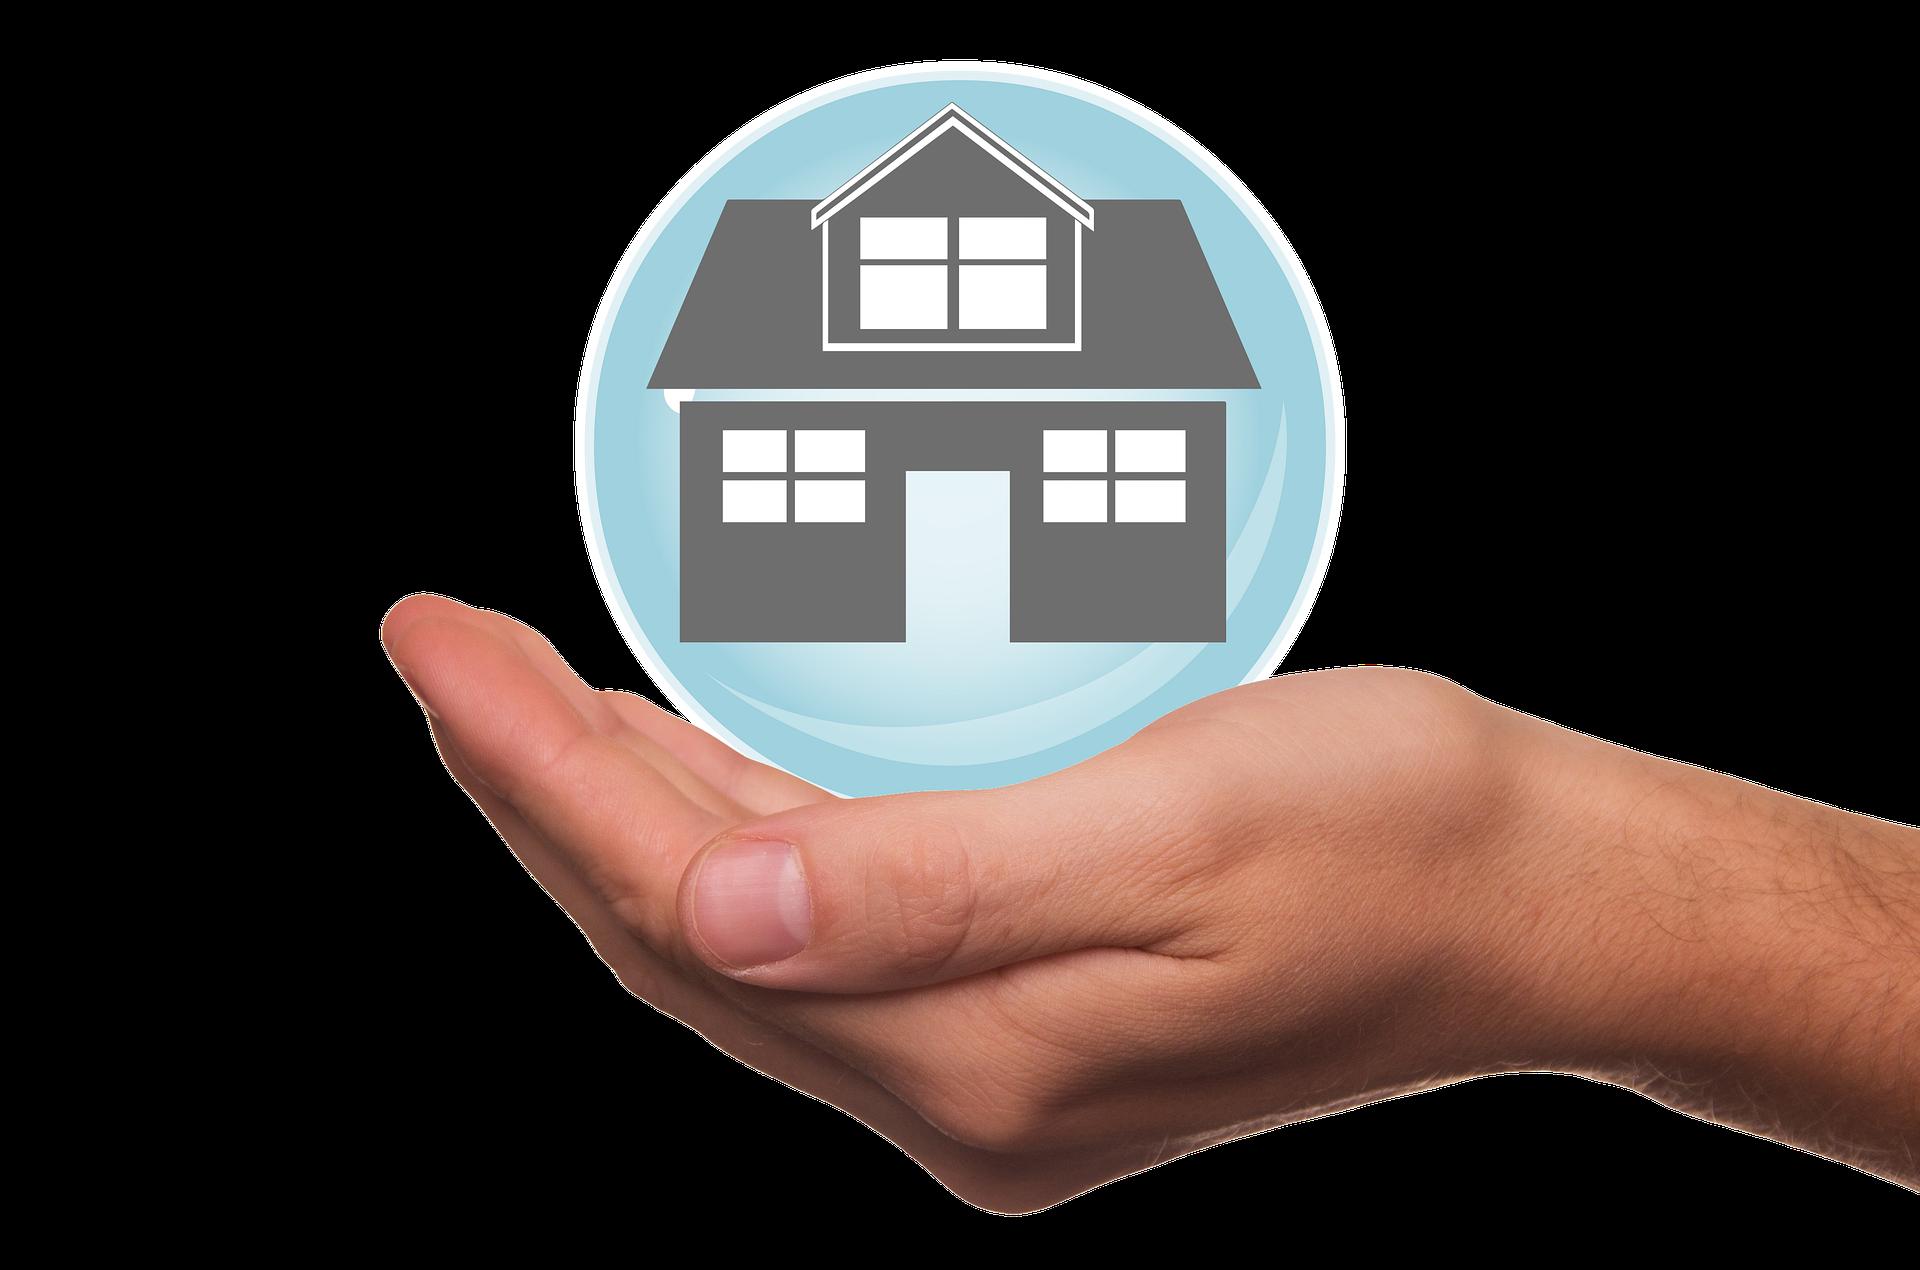 assicurazione sulla casa: cosa copre e quando è obbligatoria | blog